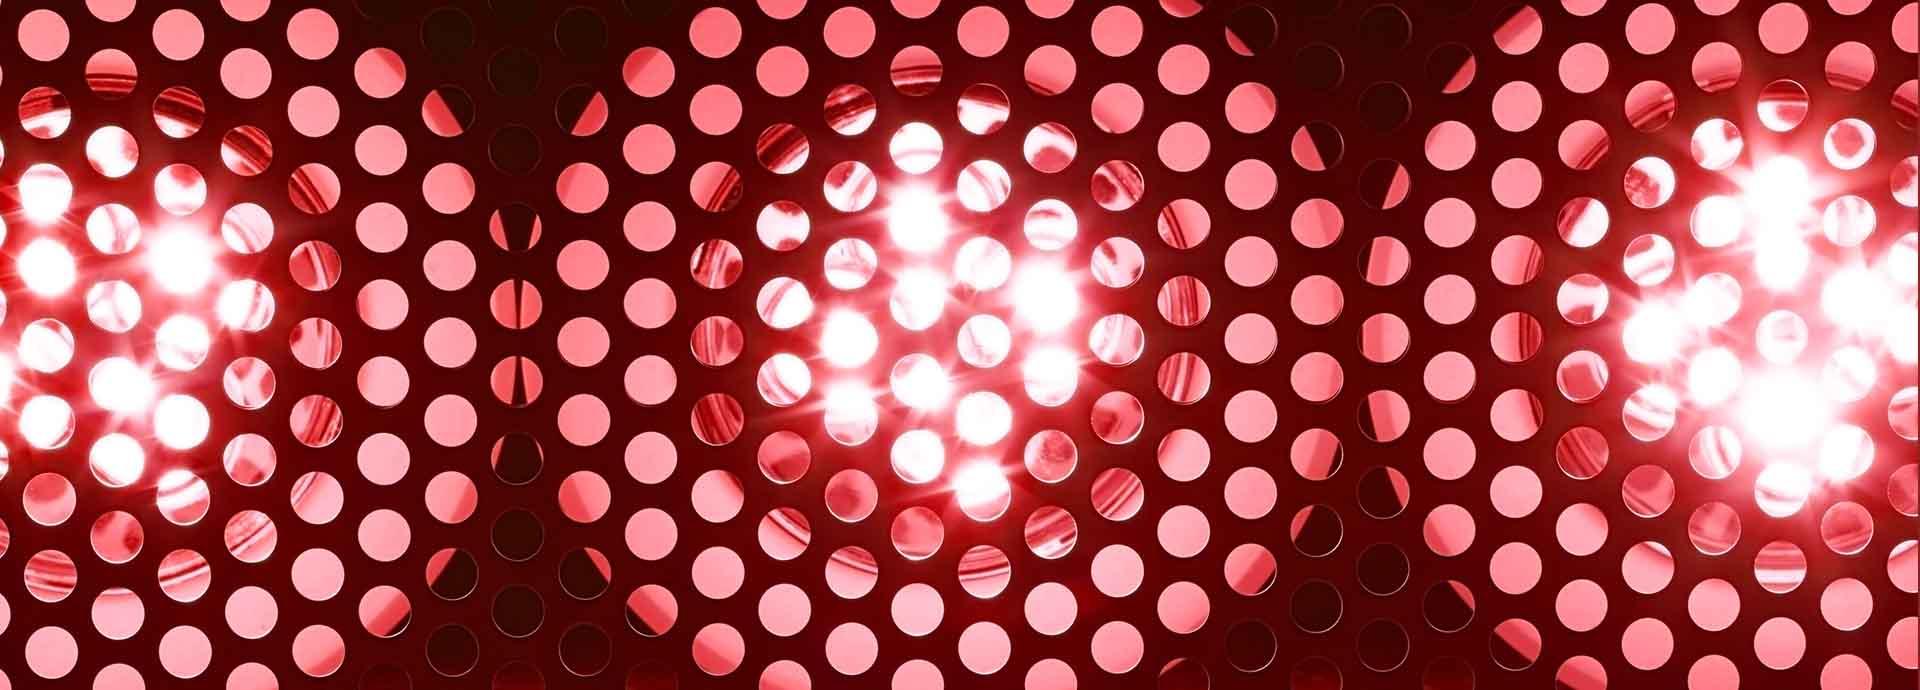 mejores_ofertas_iluminacion